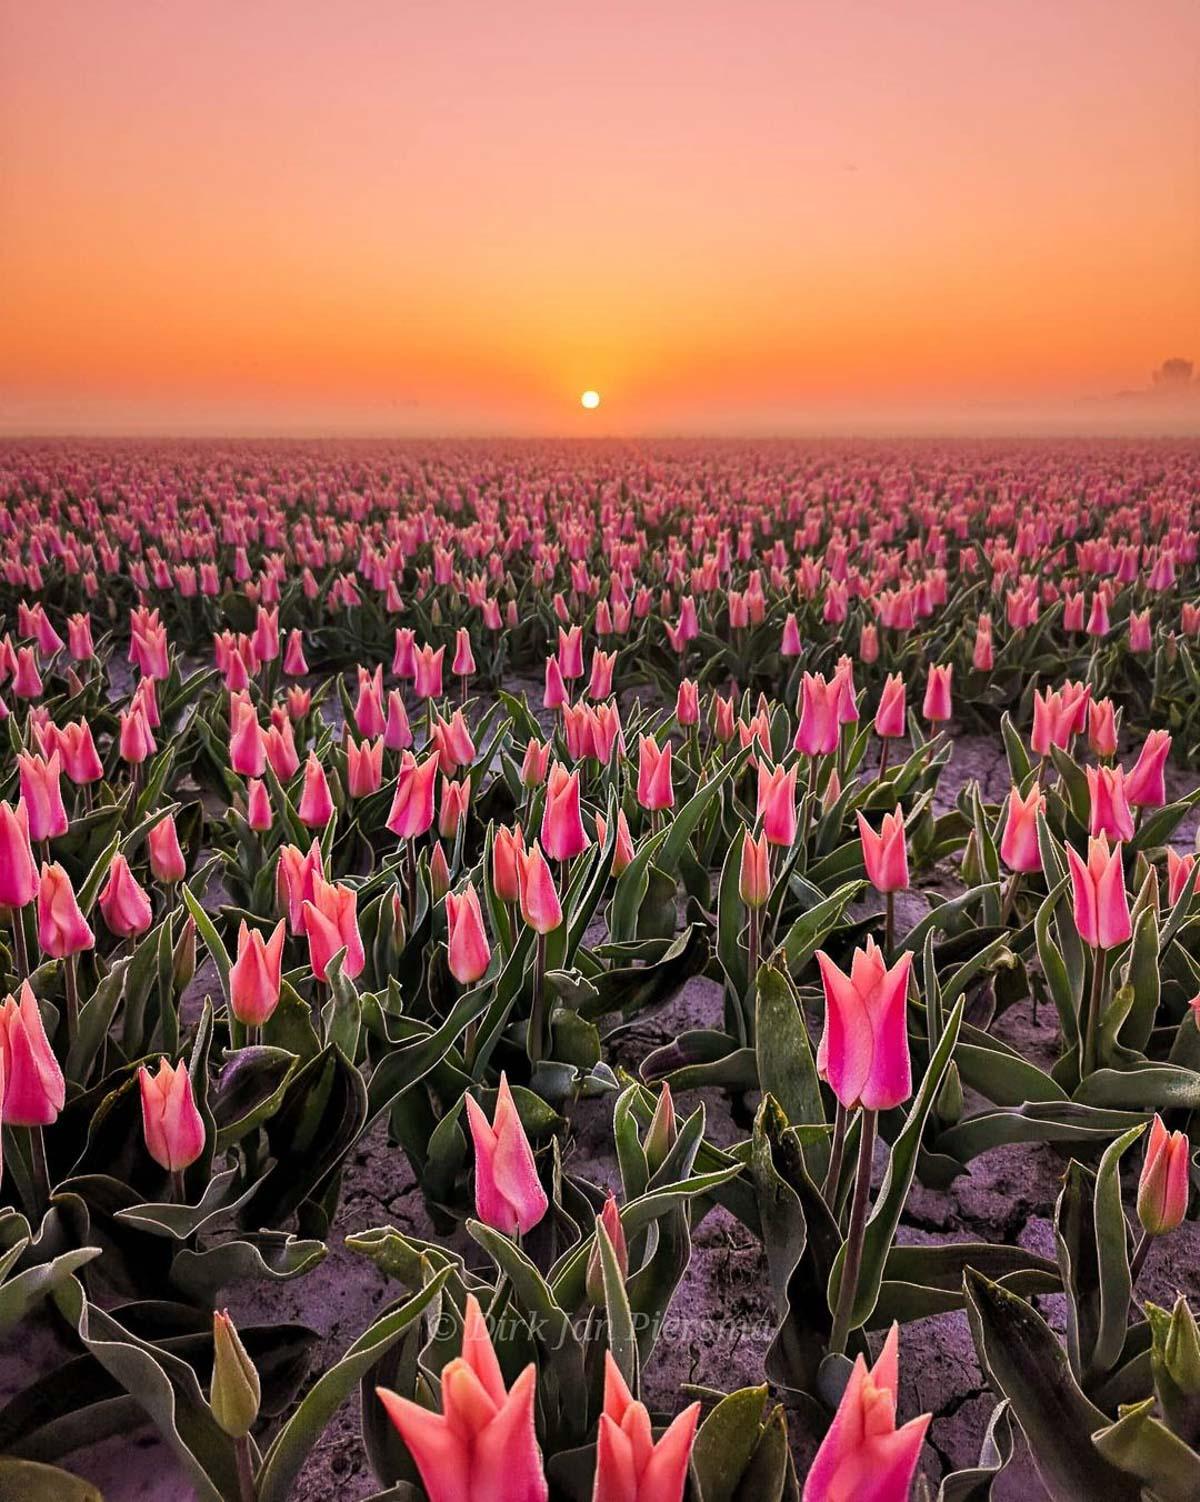 Tulpenvelden Friesland Workum door fotograaf Dirk Jan Piersma